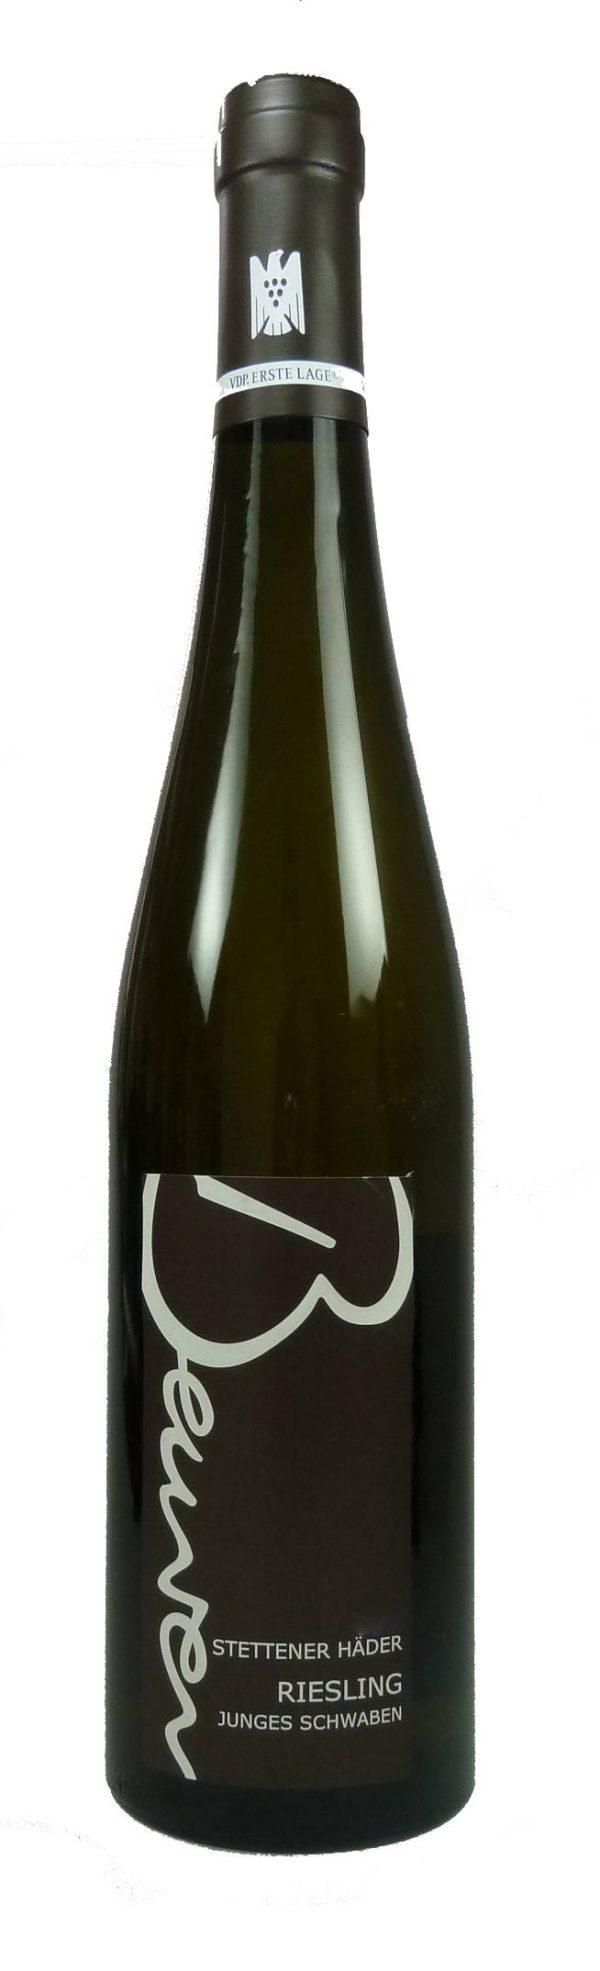 Junges Schwaben Stettener Häder Riesling Qualitätswein bio 2015